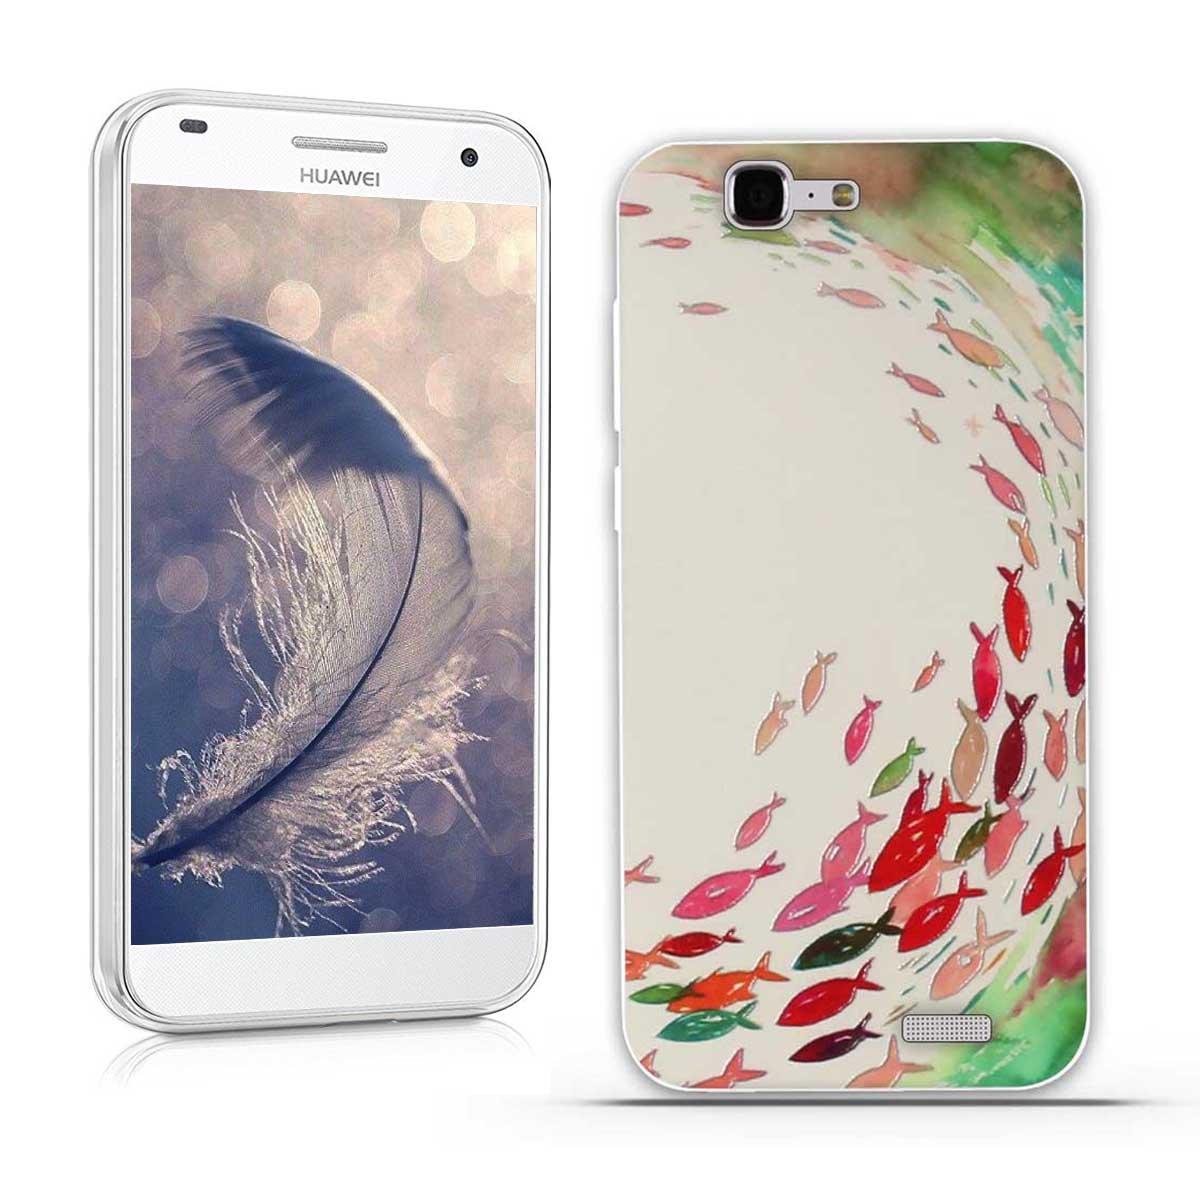 4b3bdff35dc Funda Huawei Ascend G7 (L01 L03 C199) - Fubaoda: Amazon.es: Electrónica